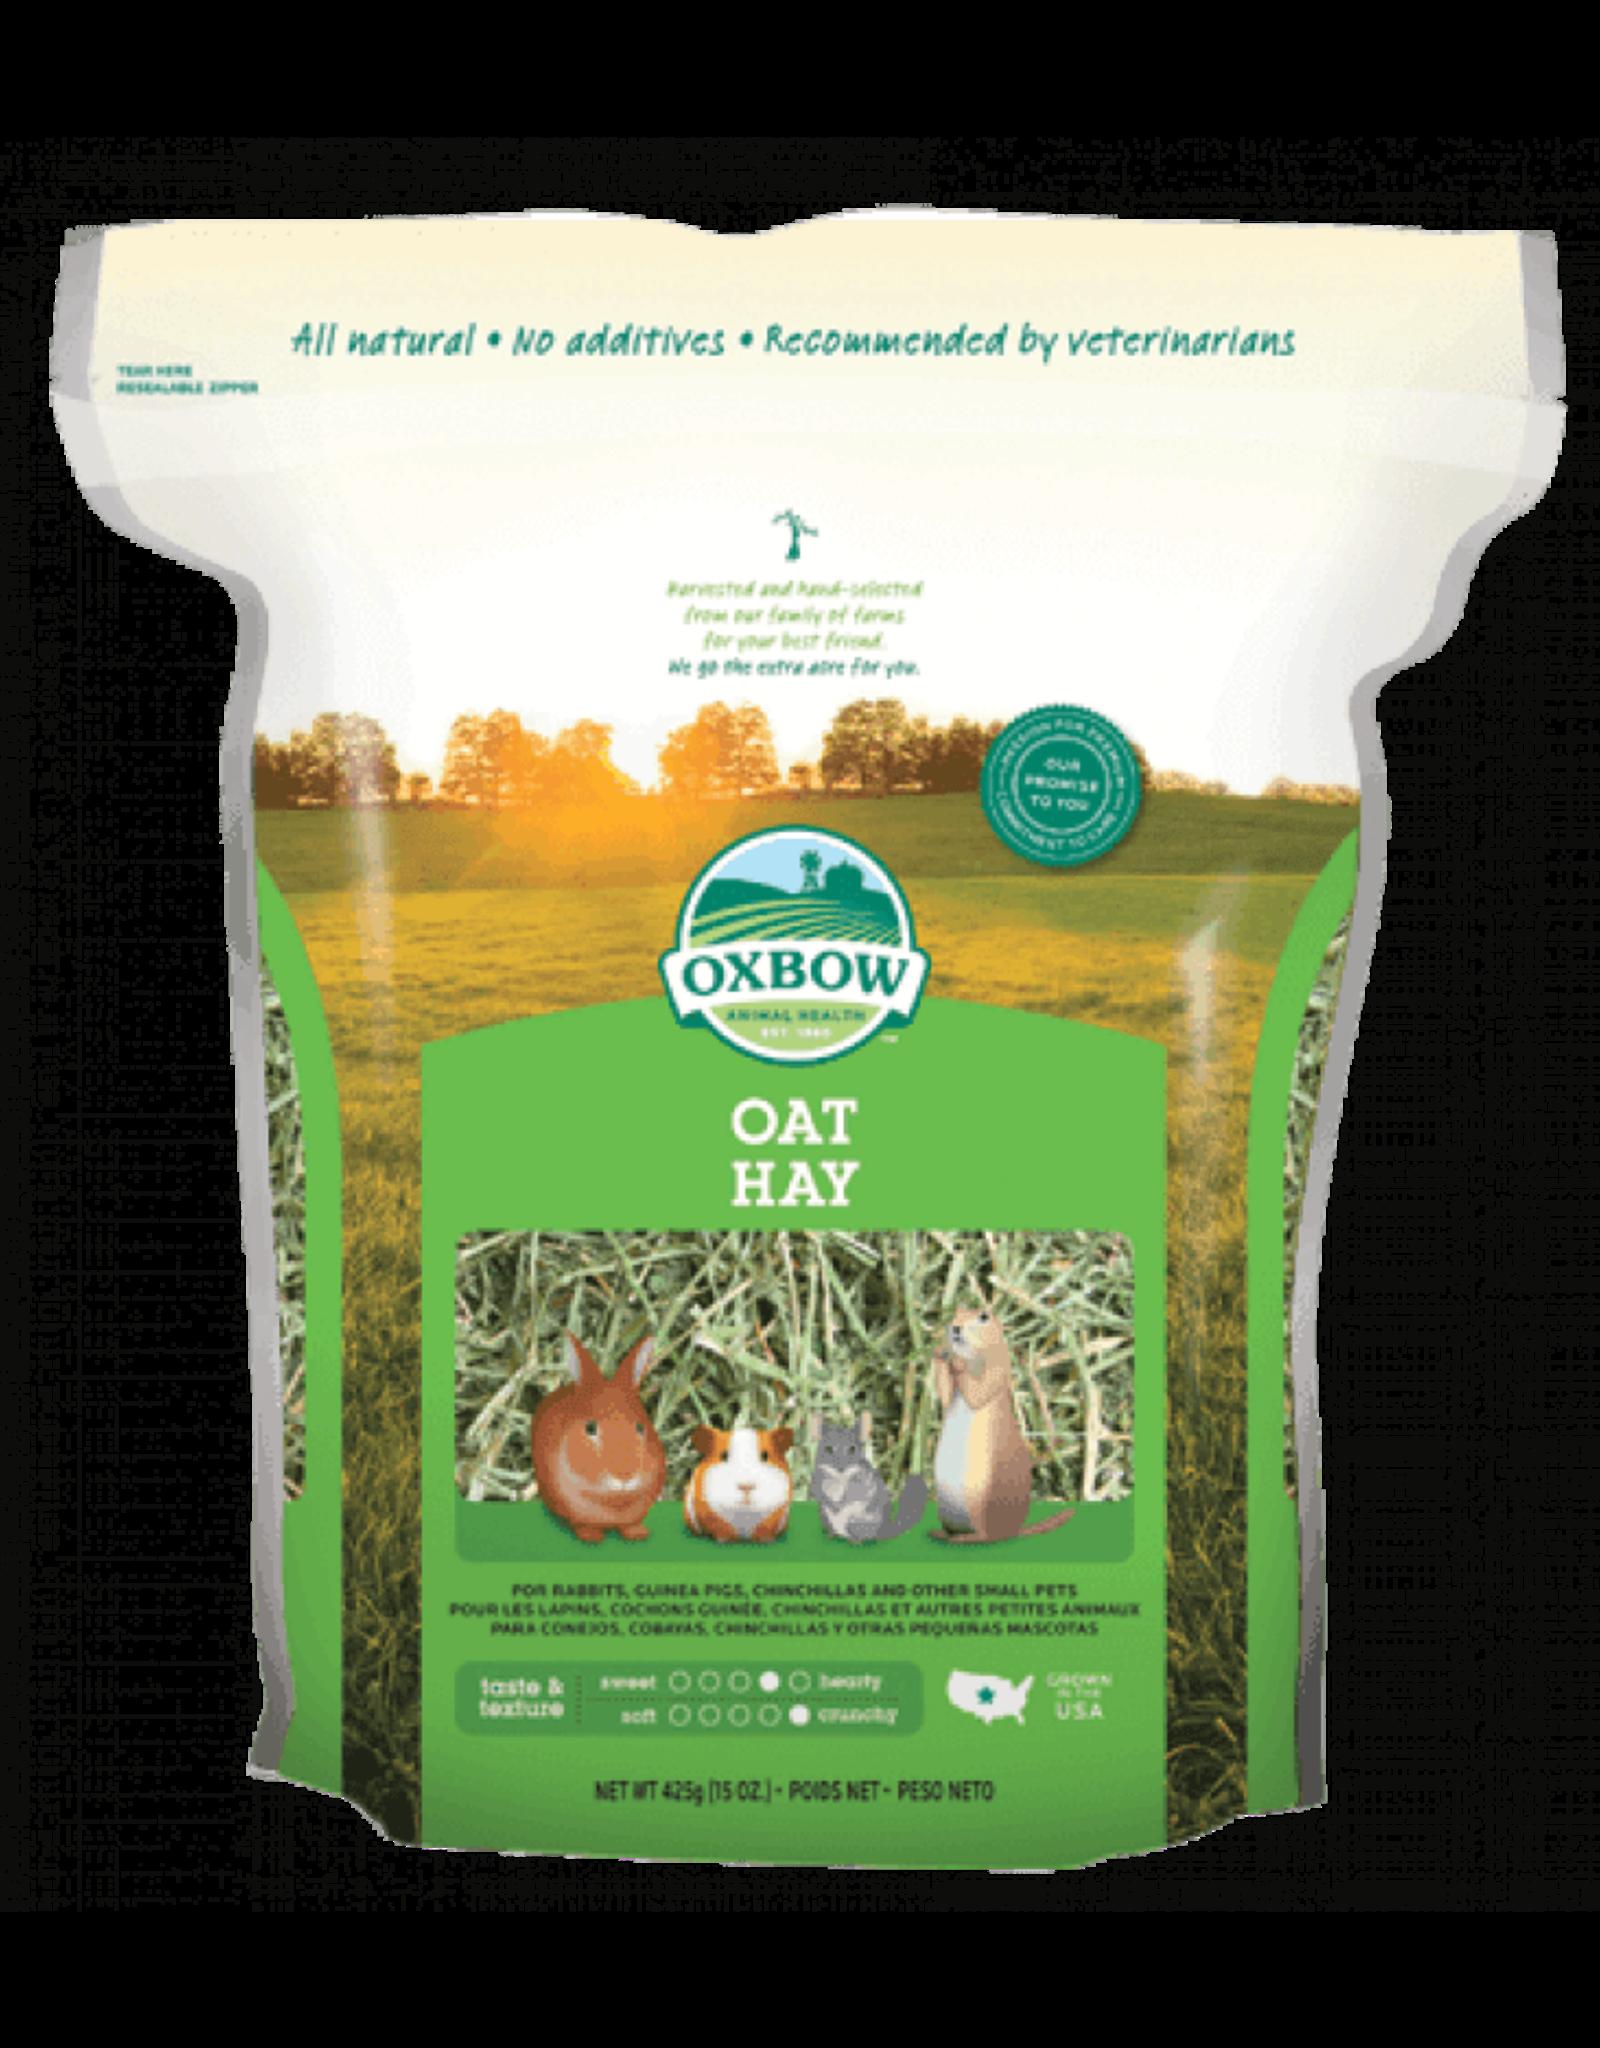 Oxbow Animal Health Oxbow Oat Hay